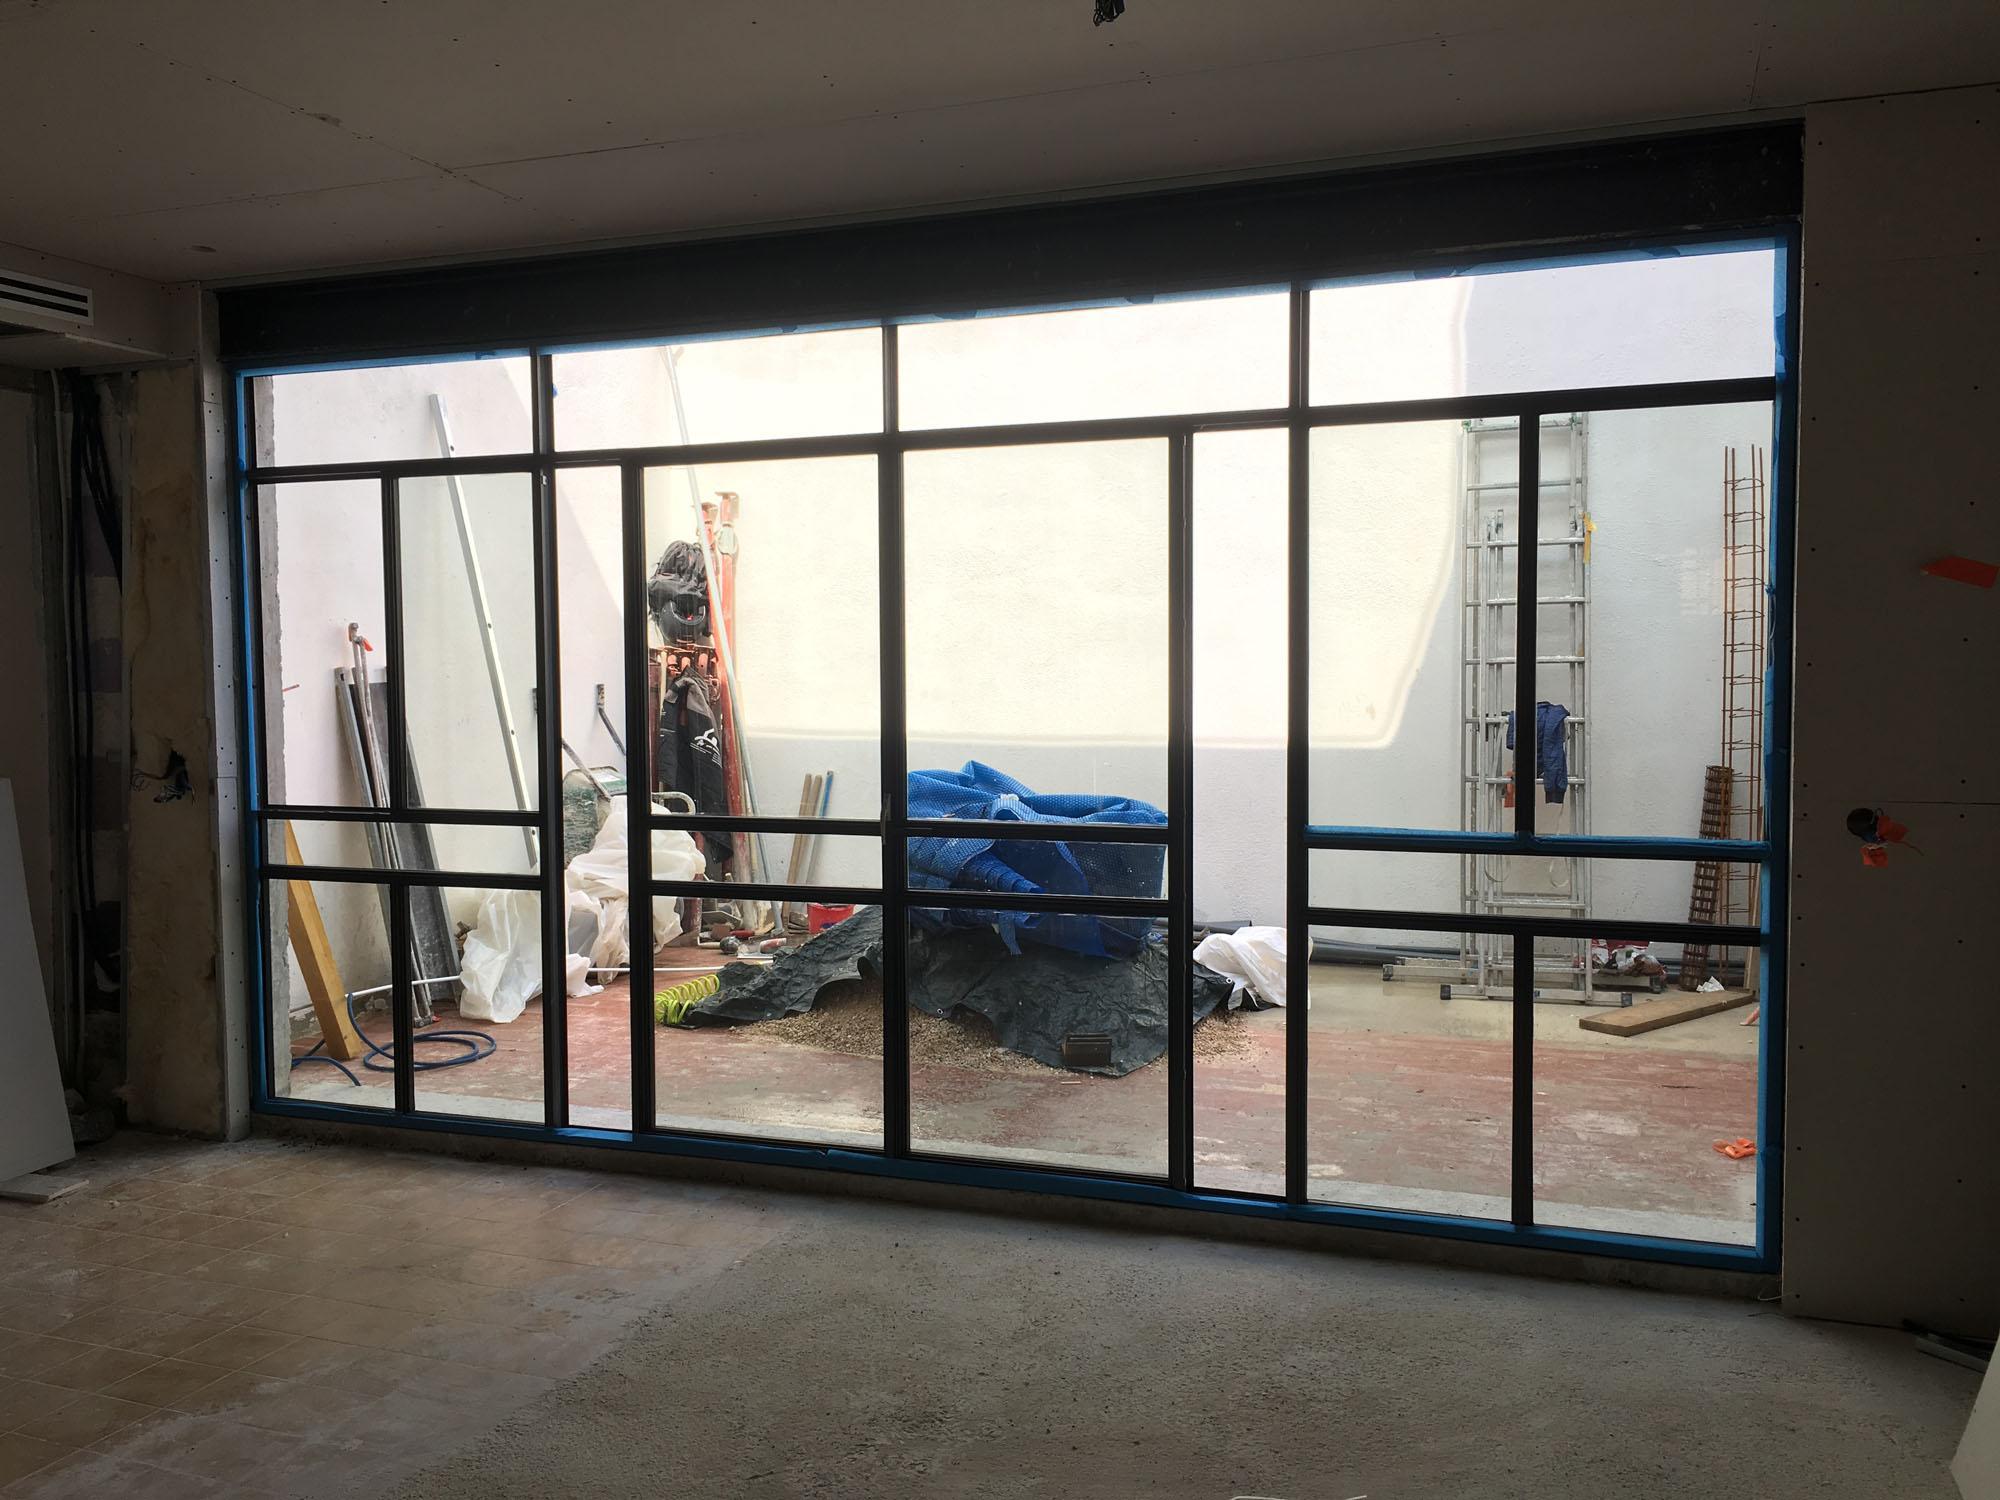 Rénovation et réalisation d'une verrière pour patio dans le 7° arrondissement de Marseille